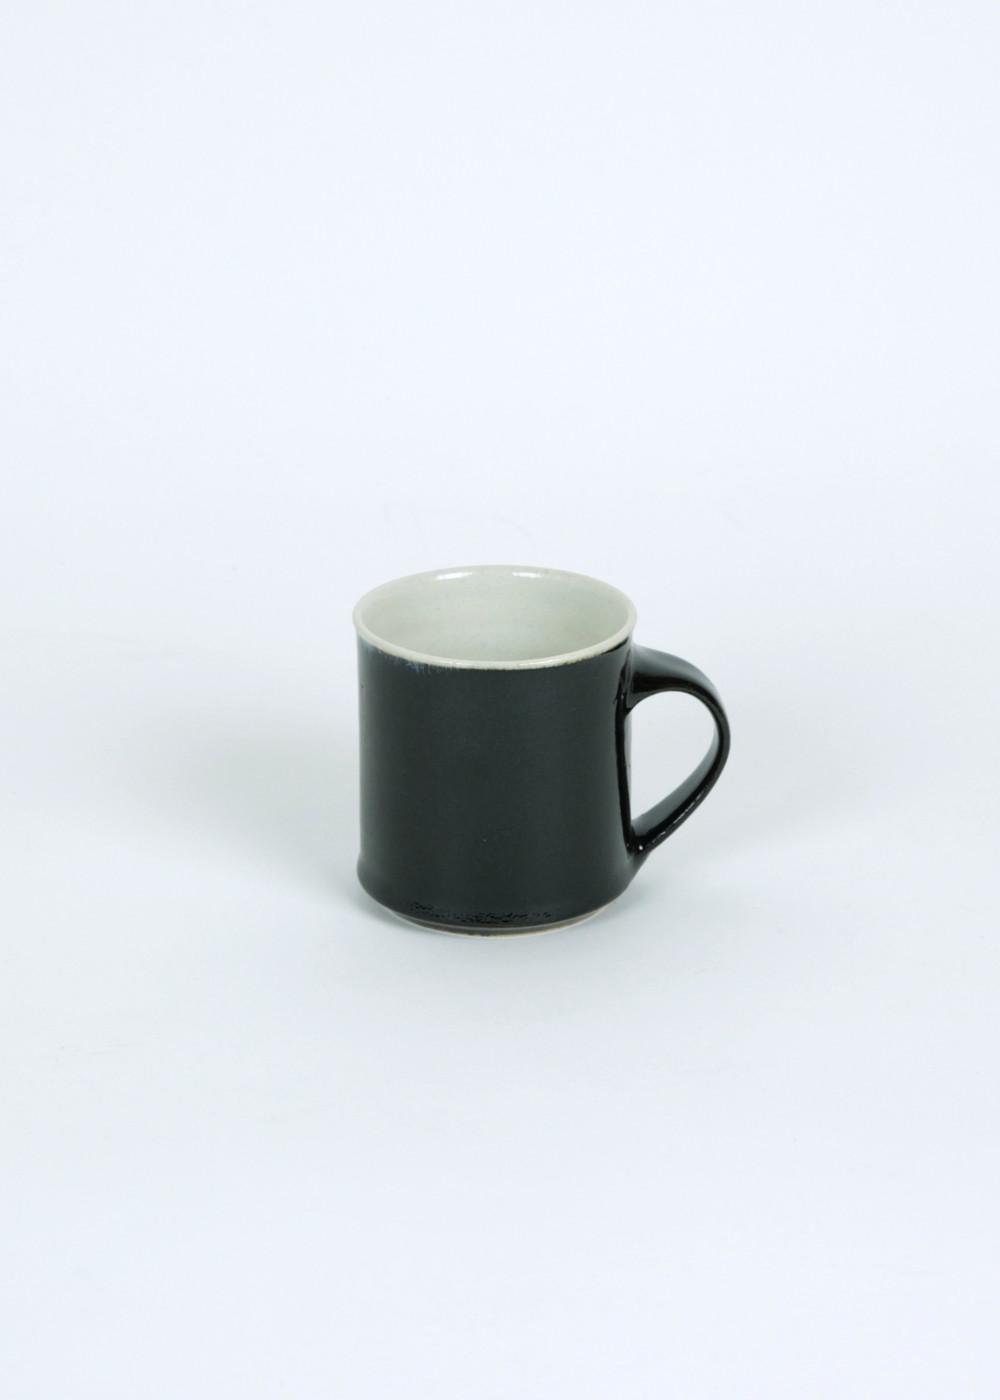 Gunji_mugcup_black_C1